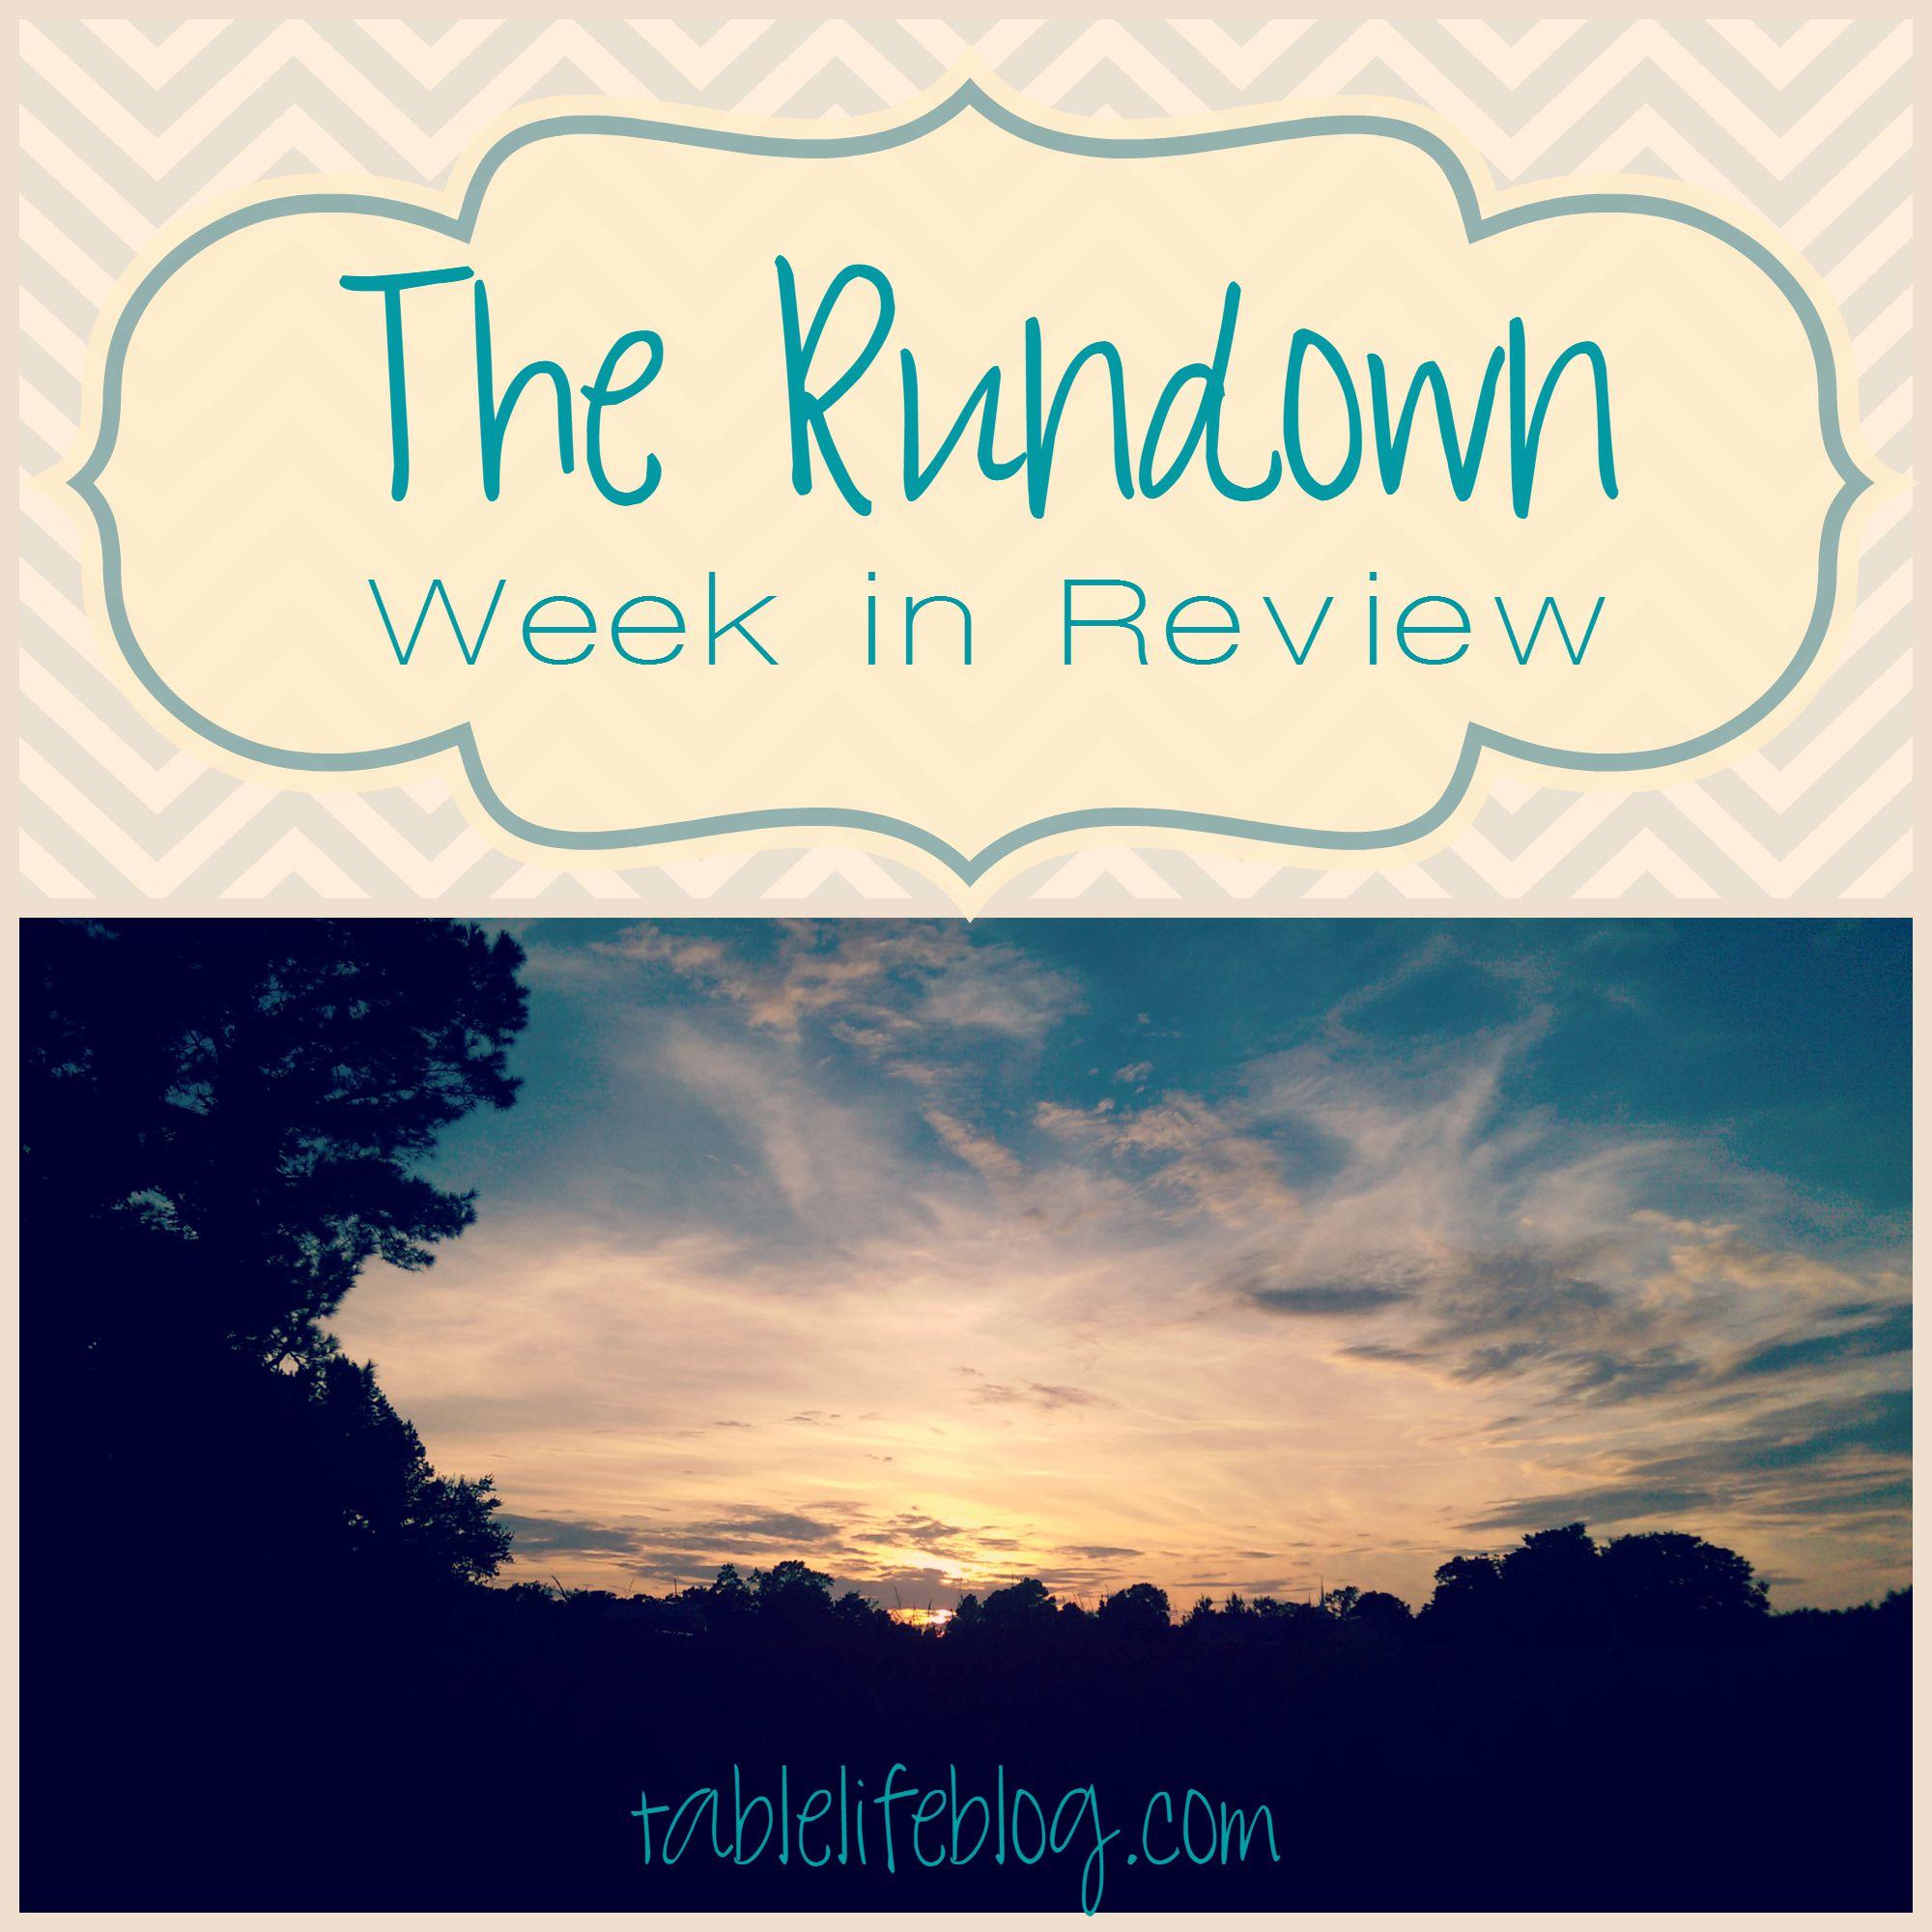 The Rundown - Week in Review - Week 4